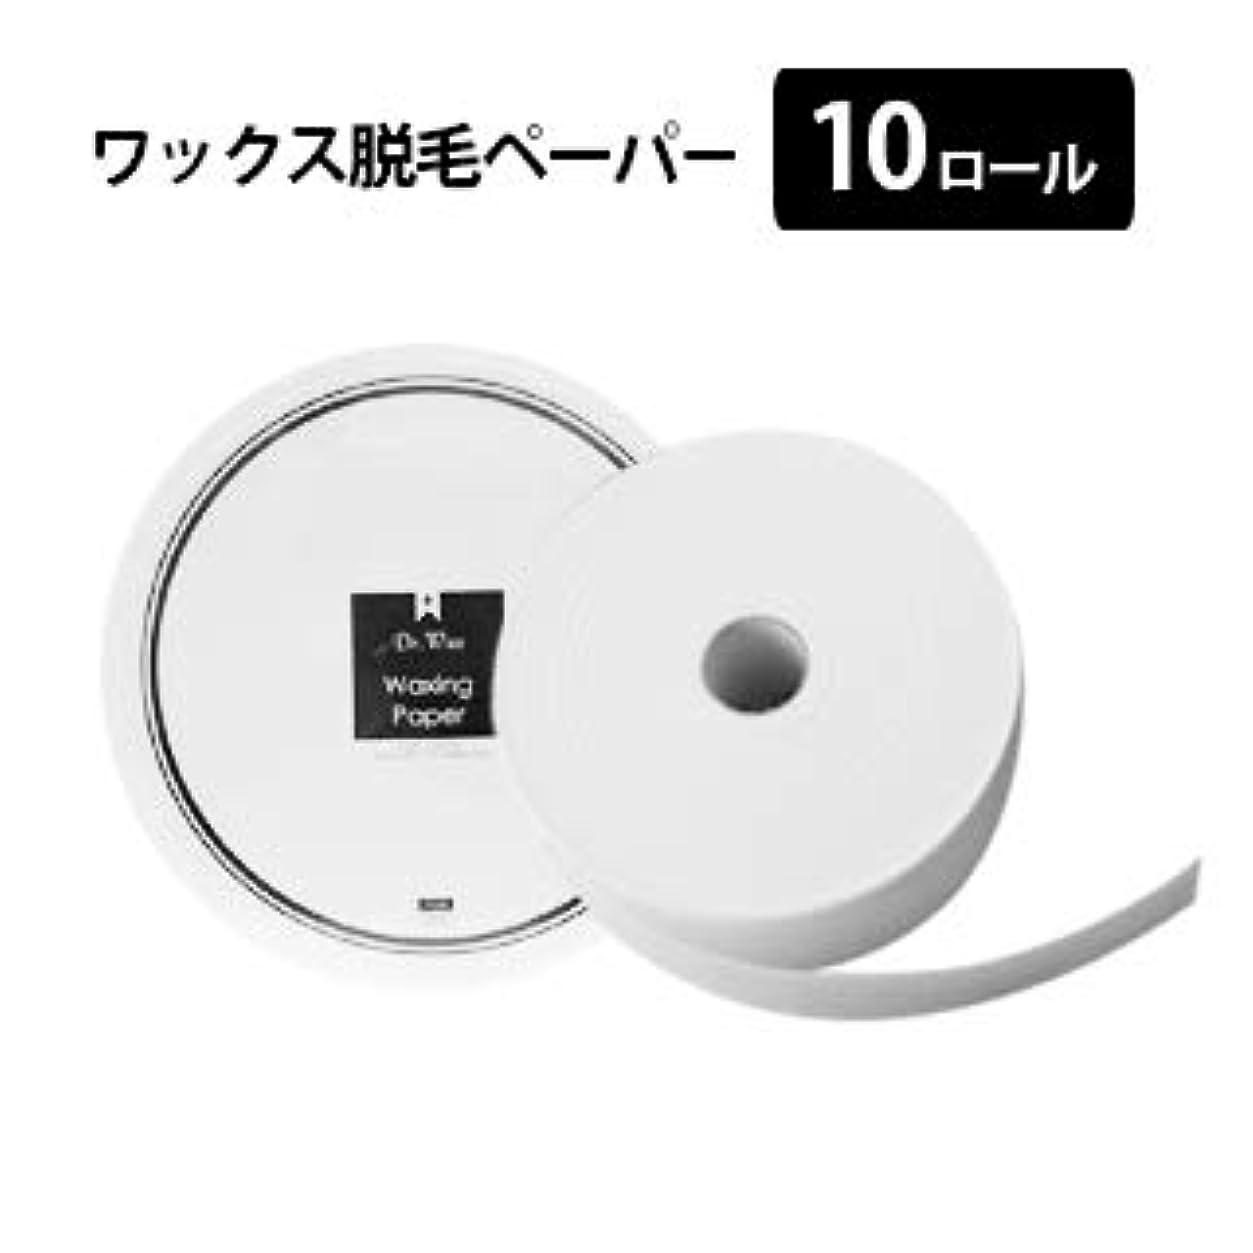 鎮痛剤ピンポイント禁じる【10ロール】ワックスロールペーパー 7cm スパンレース素材